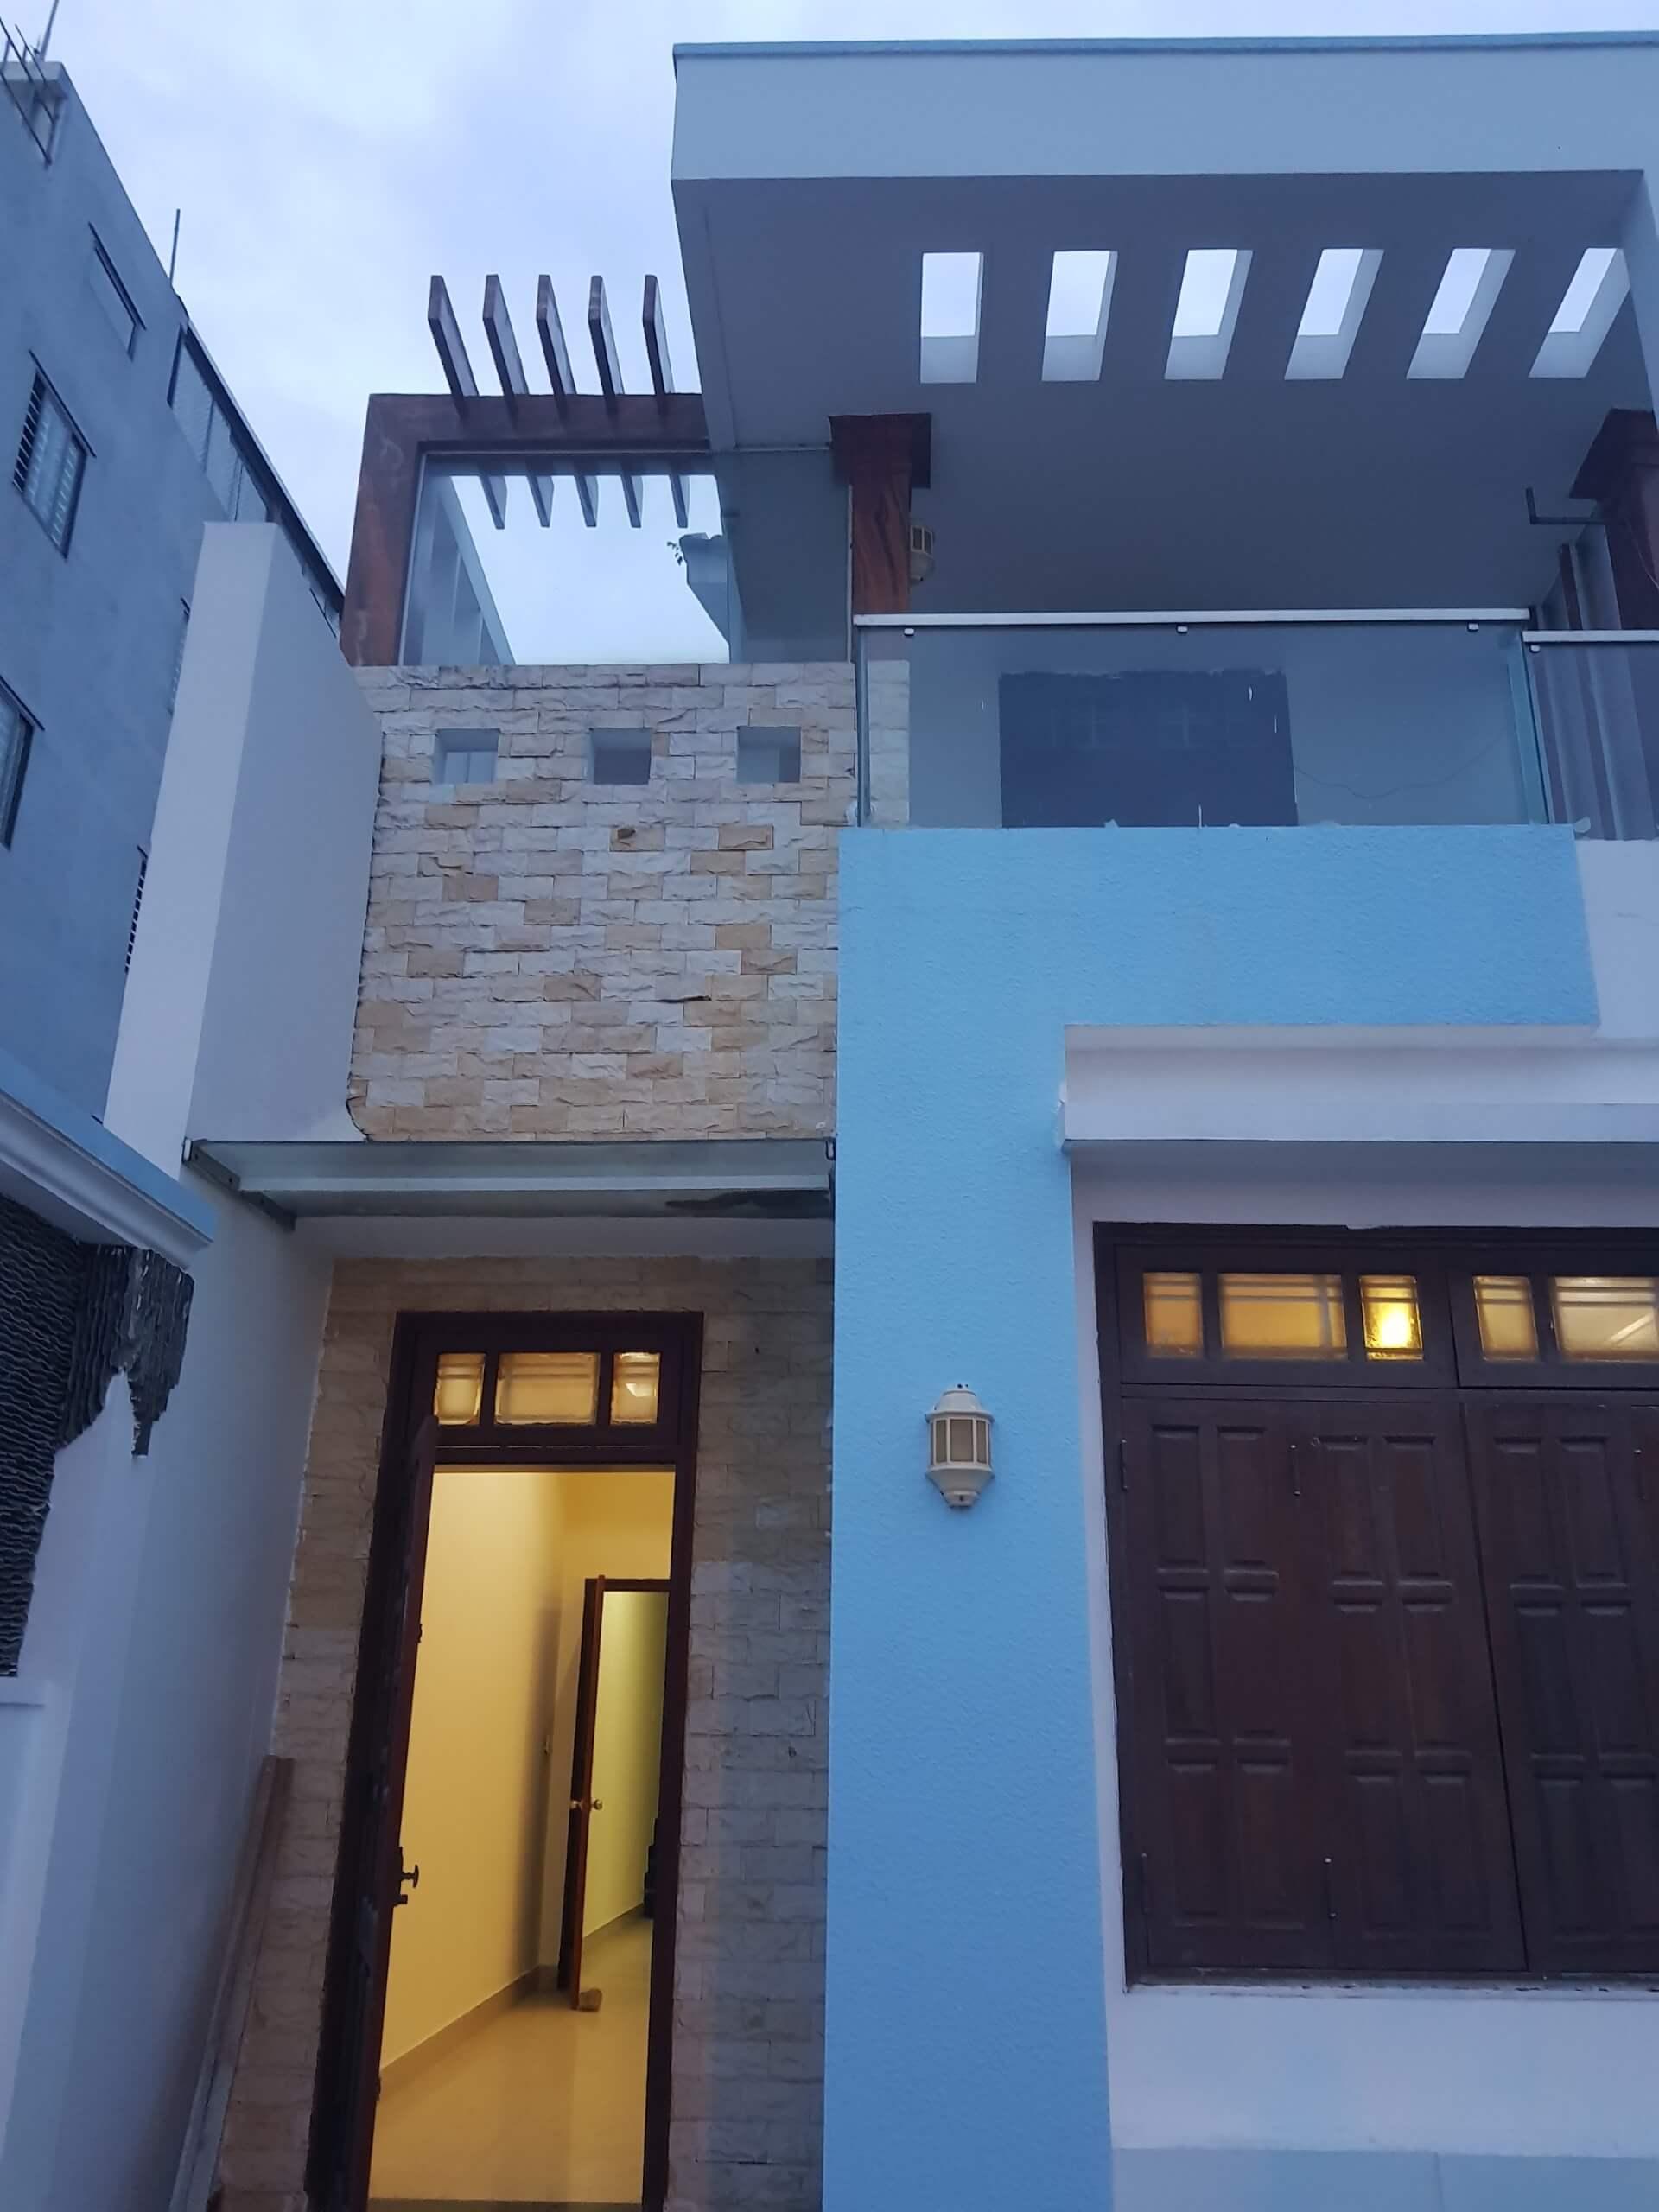 view tầng 3 nhà đường k20 - Ngũ Hành Sơn - Đà Nẵng